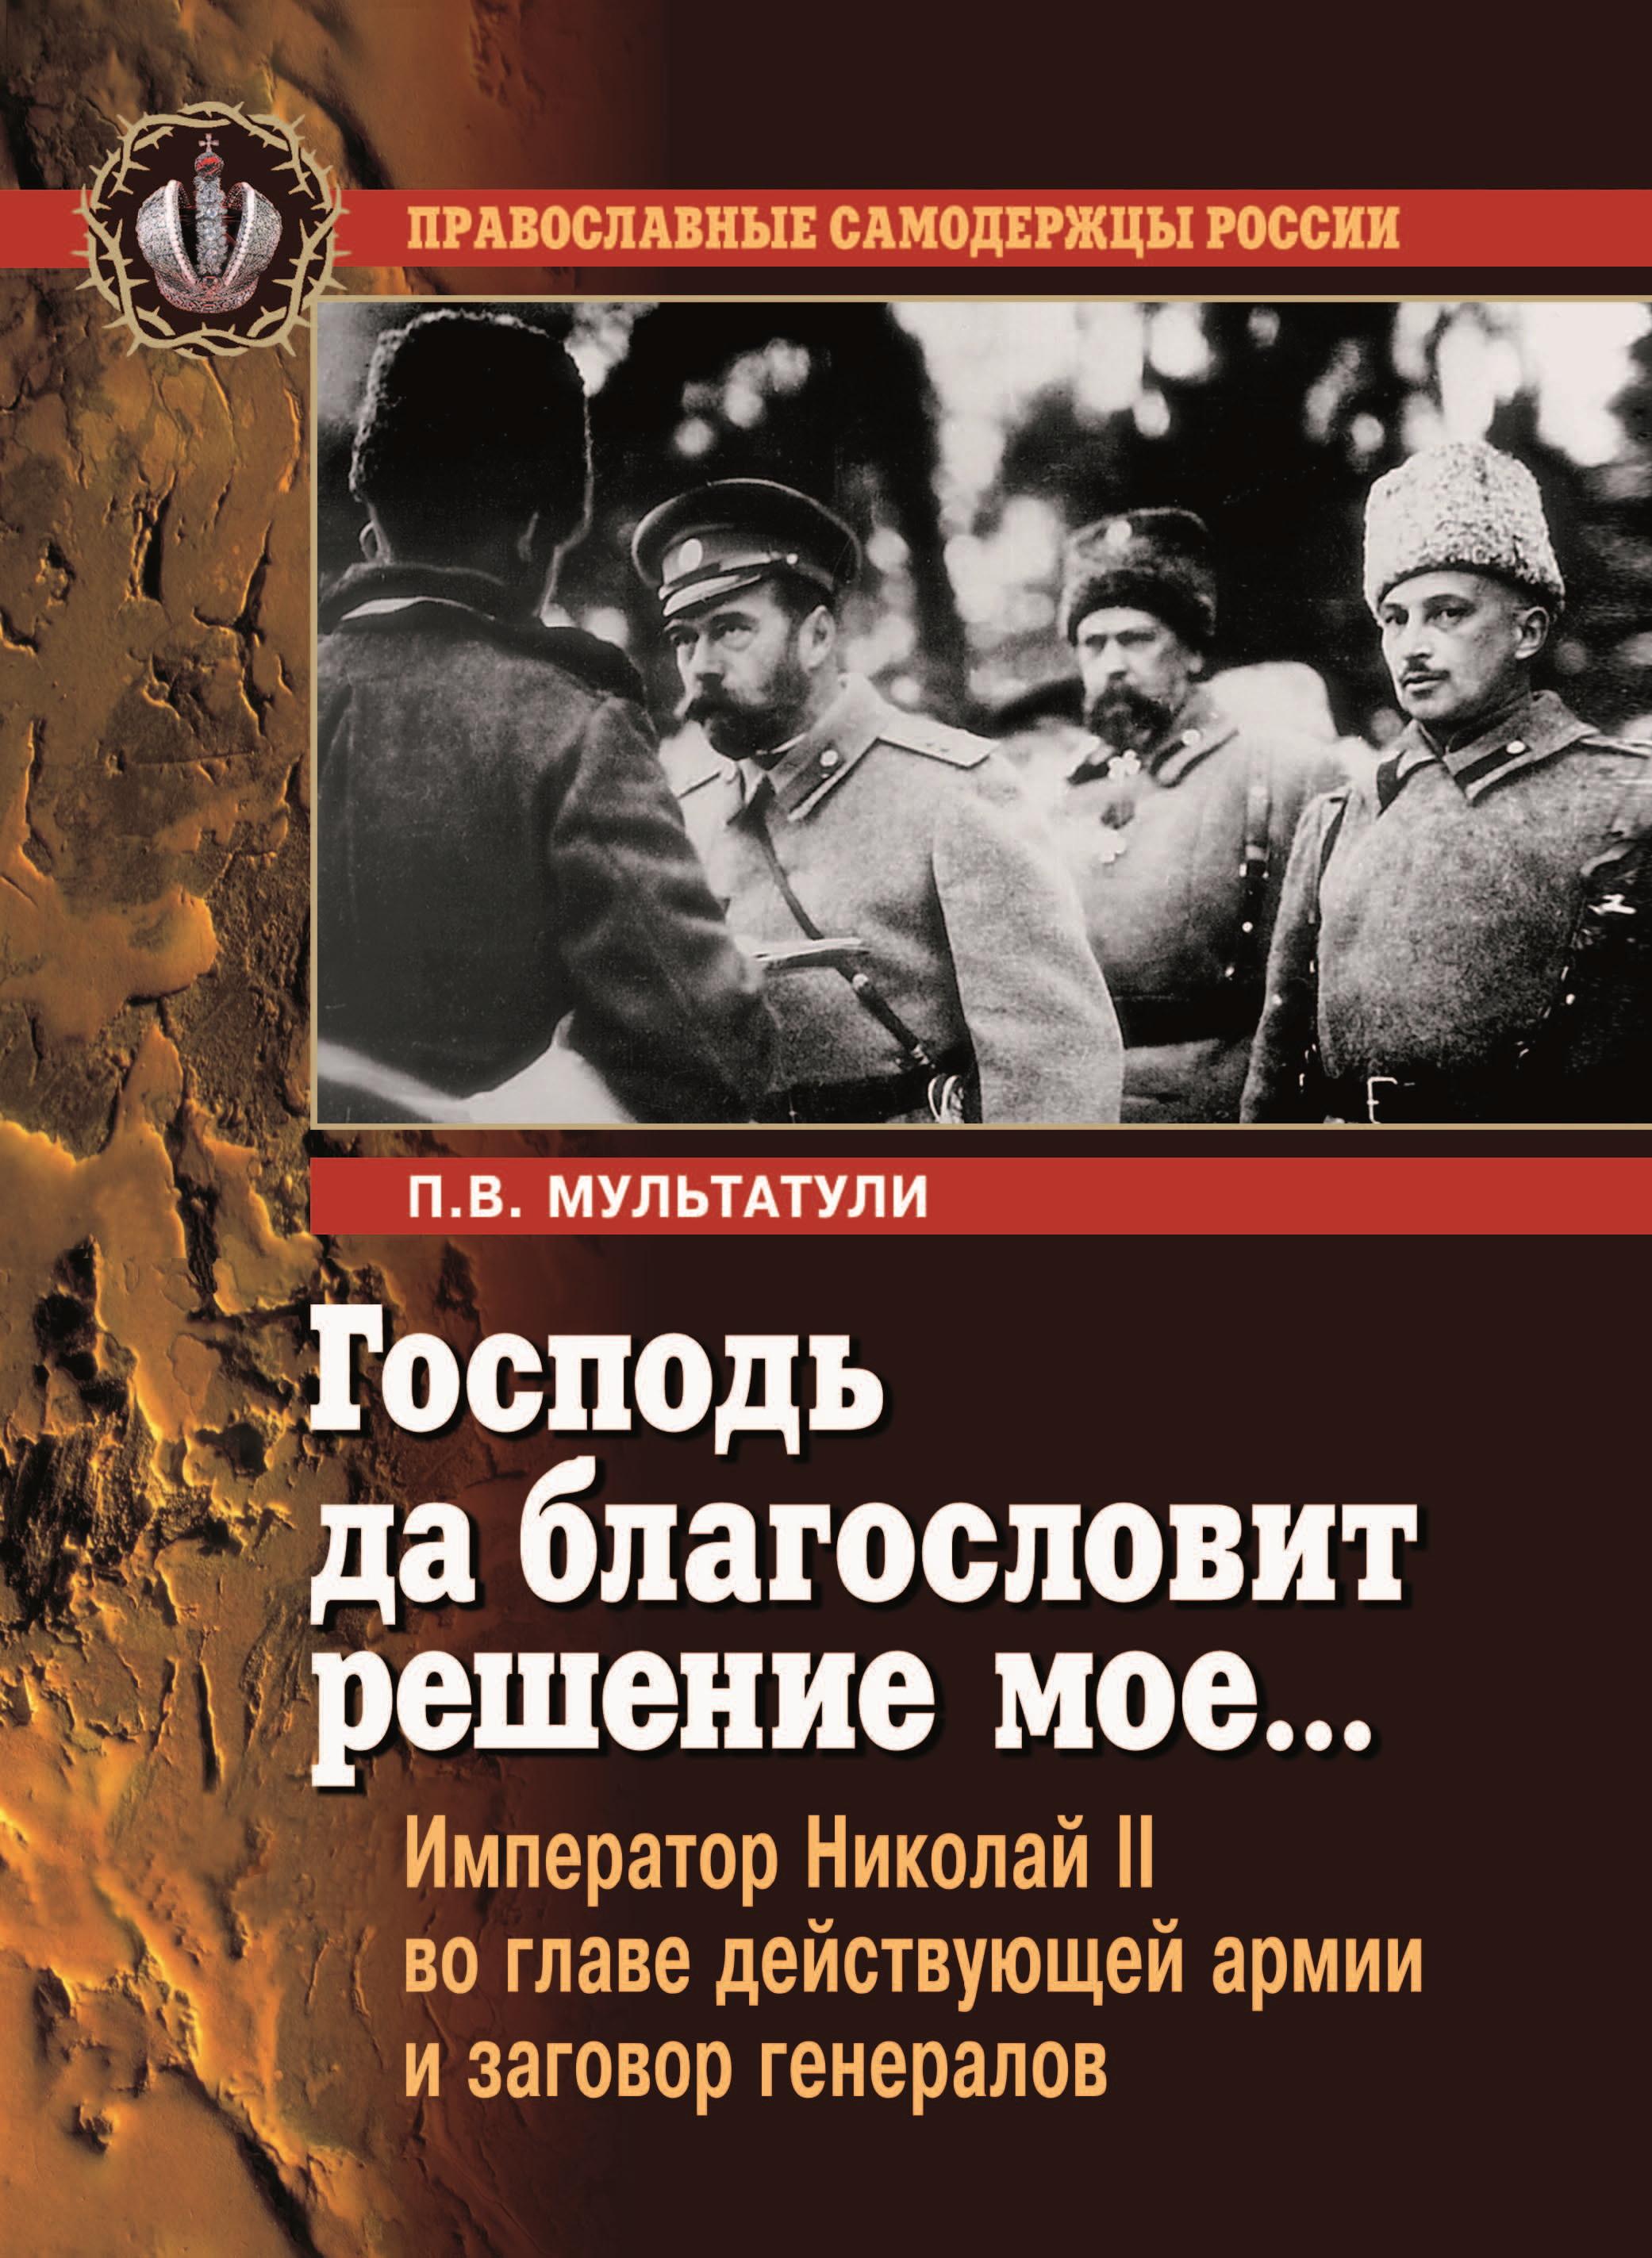 Господь да благословит решение мое… Император Николай II во главе действующей армии и заговор генералов